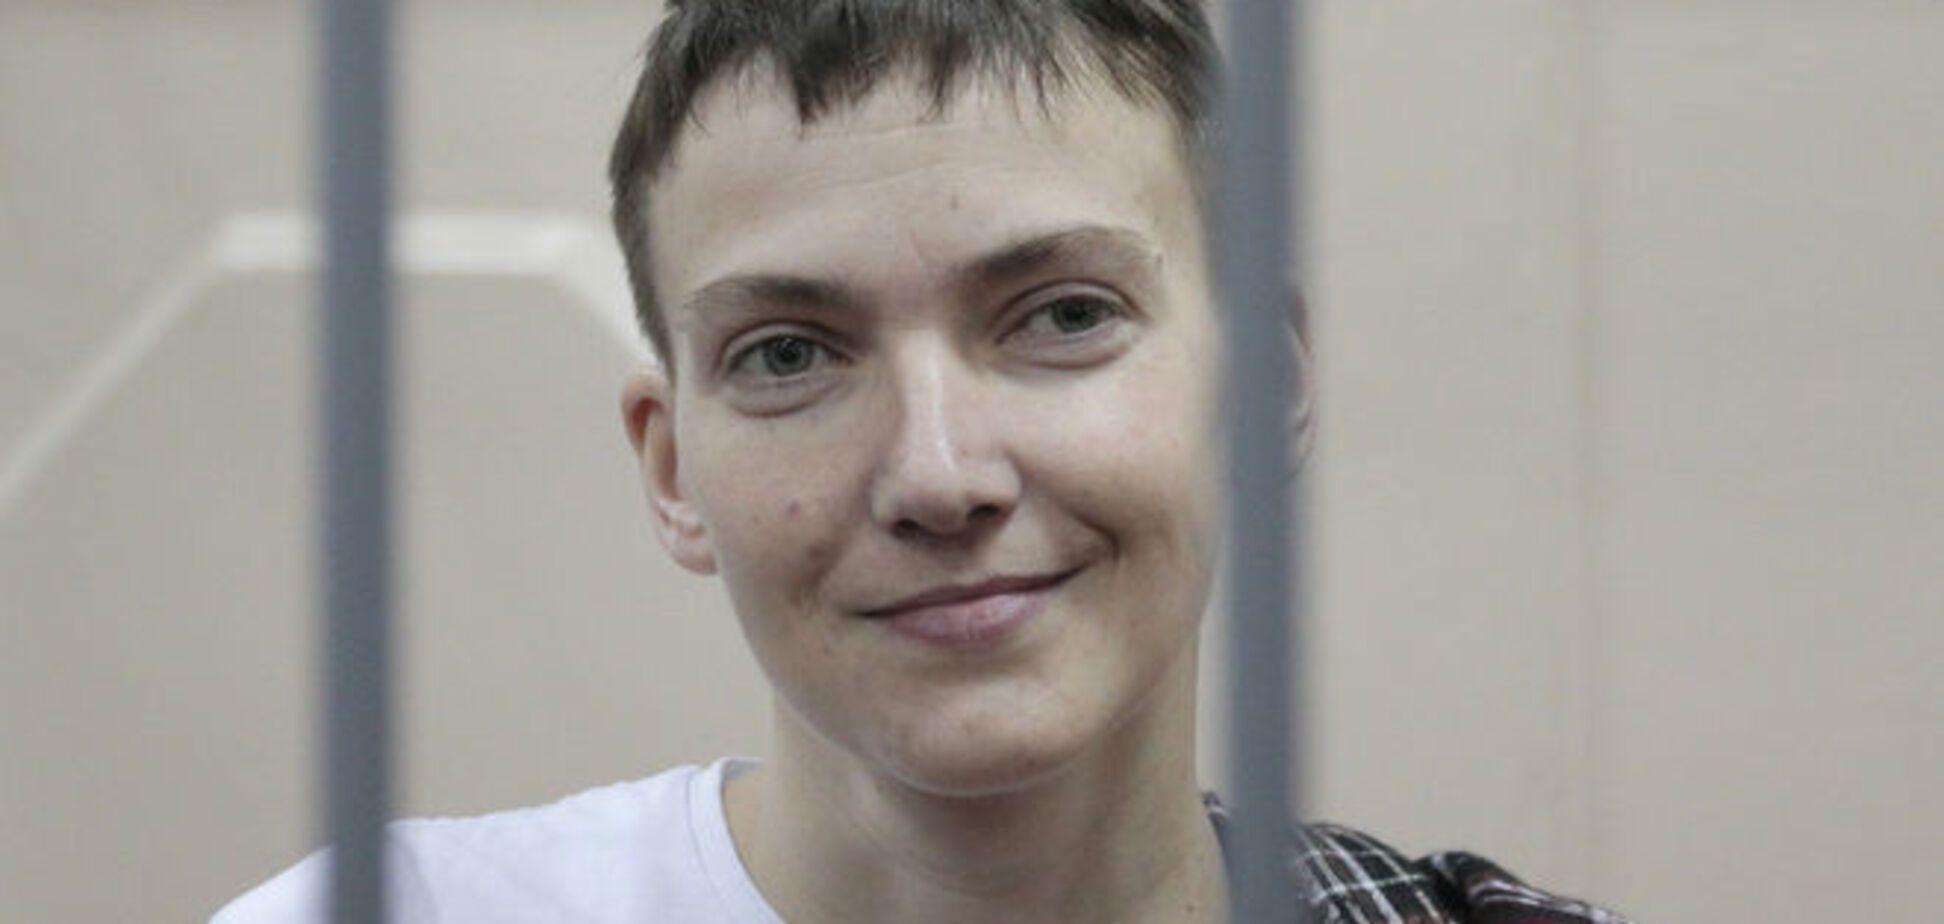 Надежда Савченко:  Я хочу, чтобы скорей был этот долбаный суд!